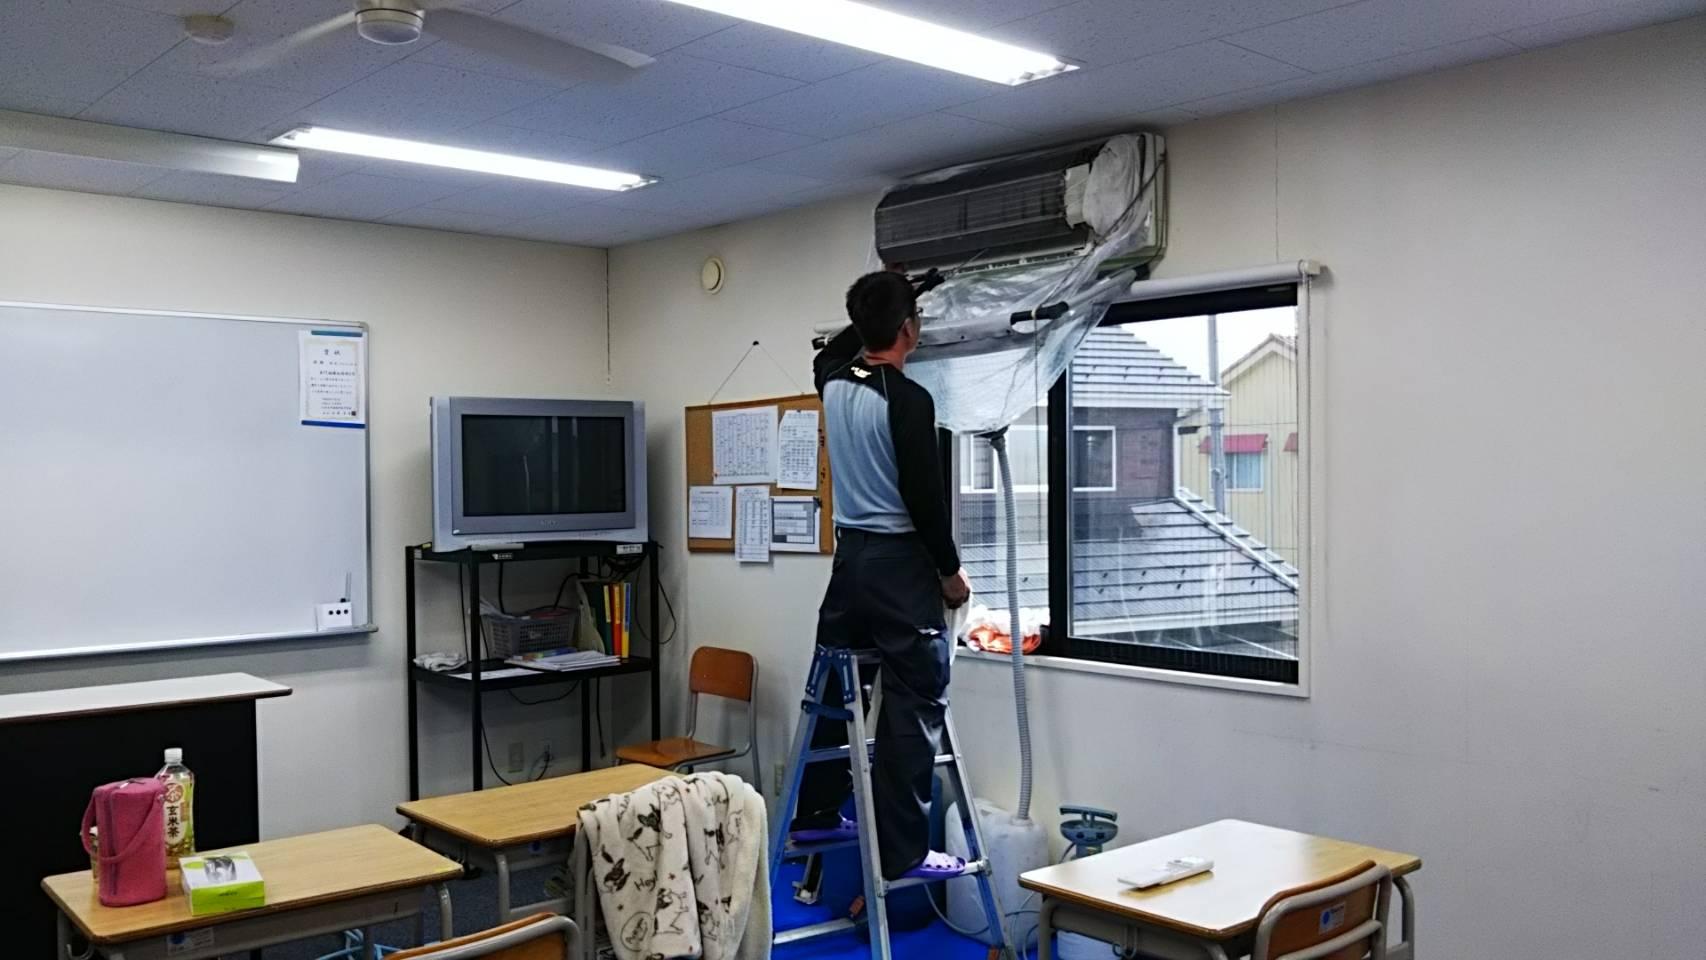 甲斐市の専門学校の壁掛けエアコンクリーニング